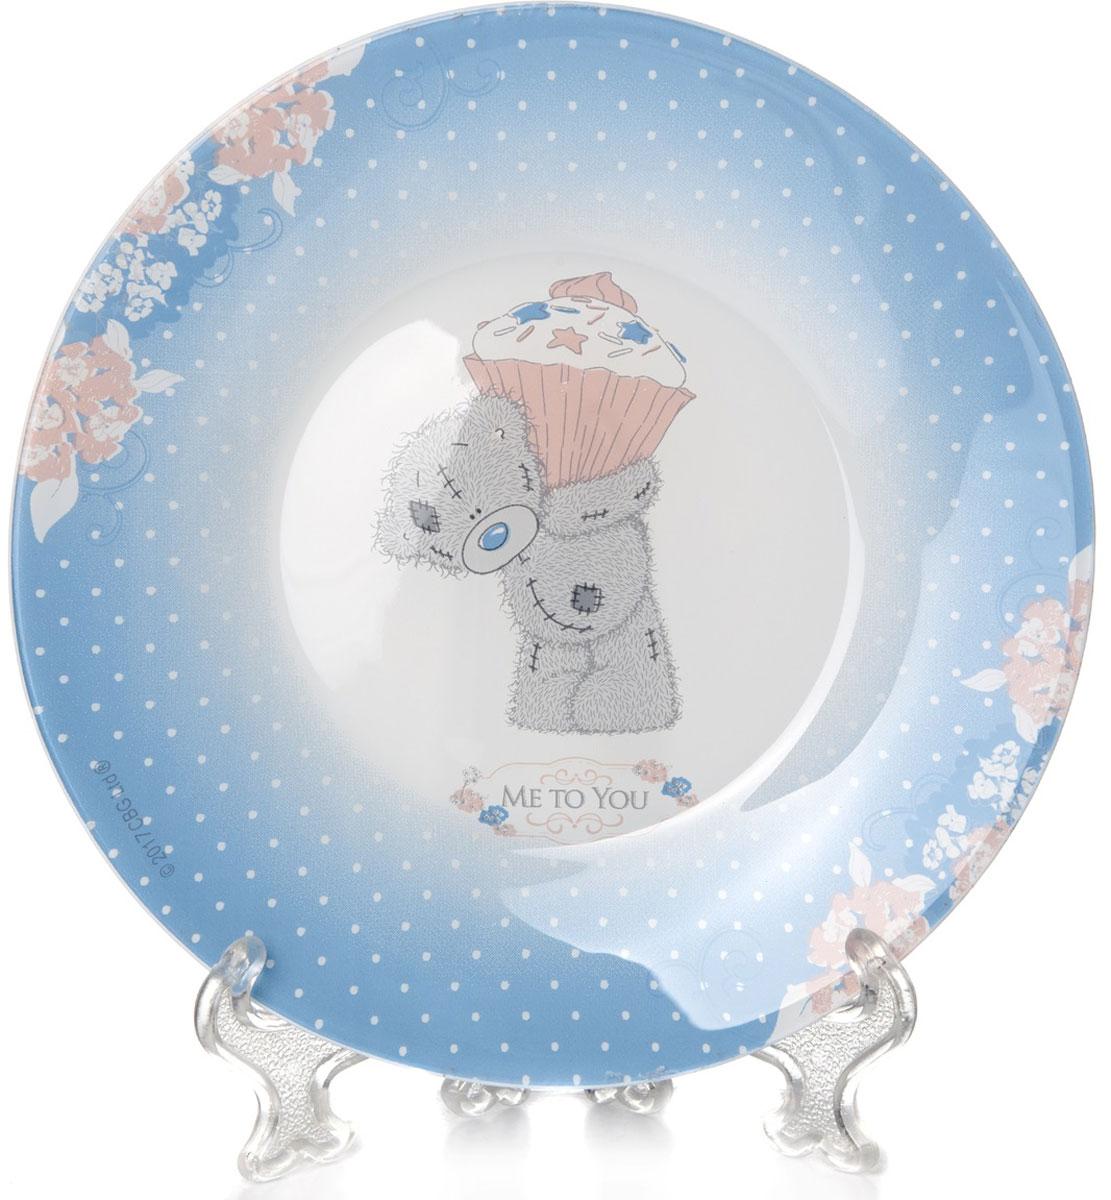 Тарелка Pasabahce Me To You, цвет: голубой, диаметр 19,5 см10327SLBD39Тарелка Pasabahce Me To You выполнена из качественного стекла голубого цвета. Тарелка прекрасно подойдет в качестве сервировочного блюда для фруктов, десертов, закусок, торта и другого. Диаметр тарелки: 19.5 см.